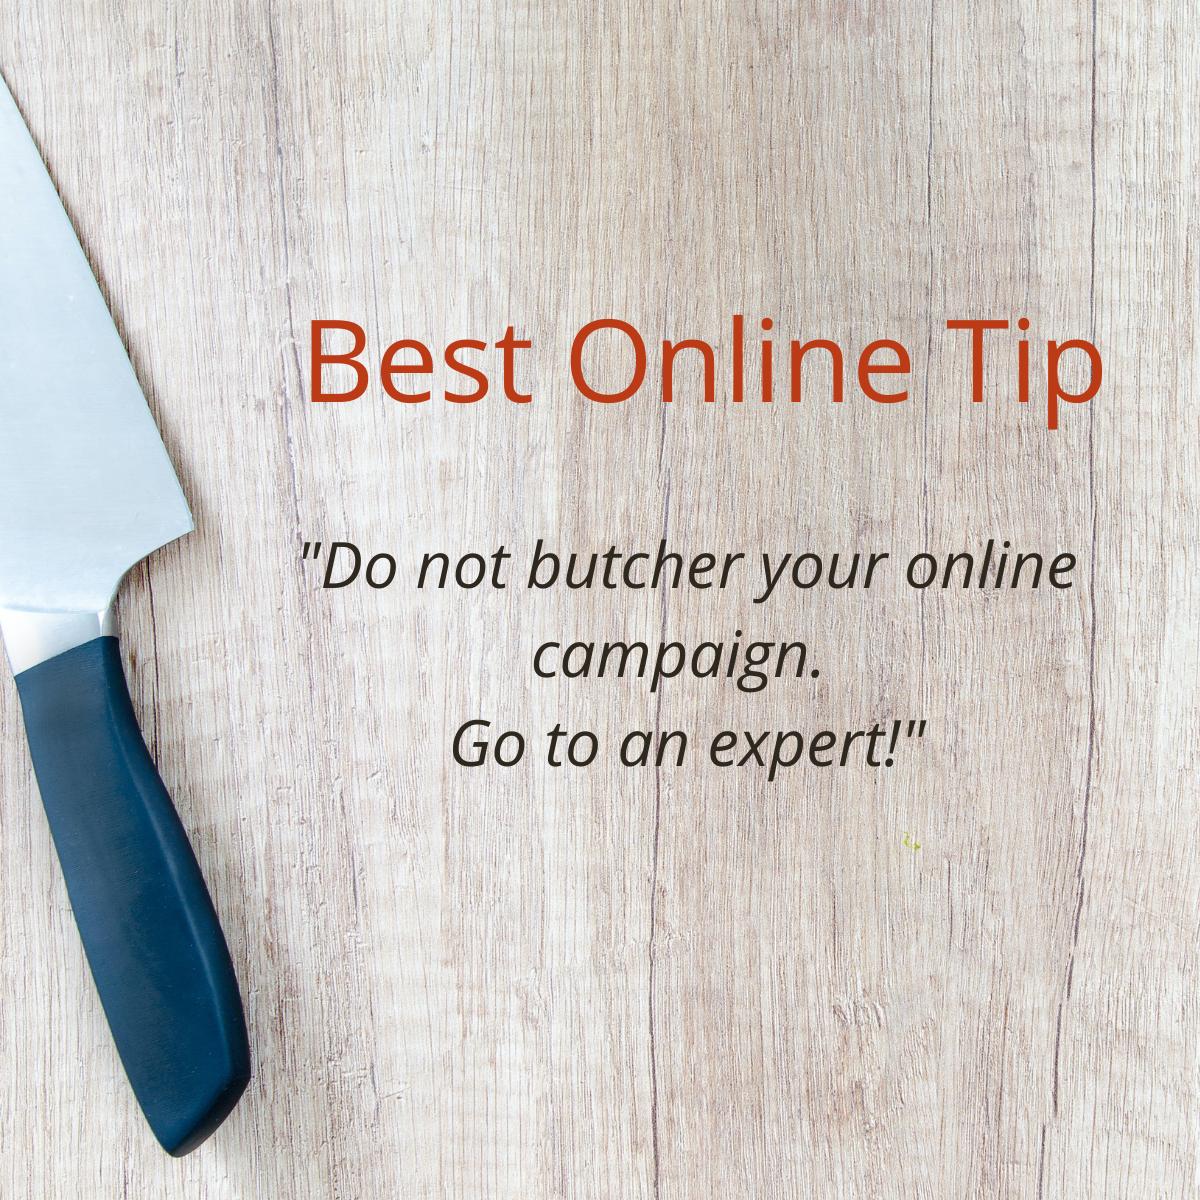 Best Online Marketing Tip